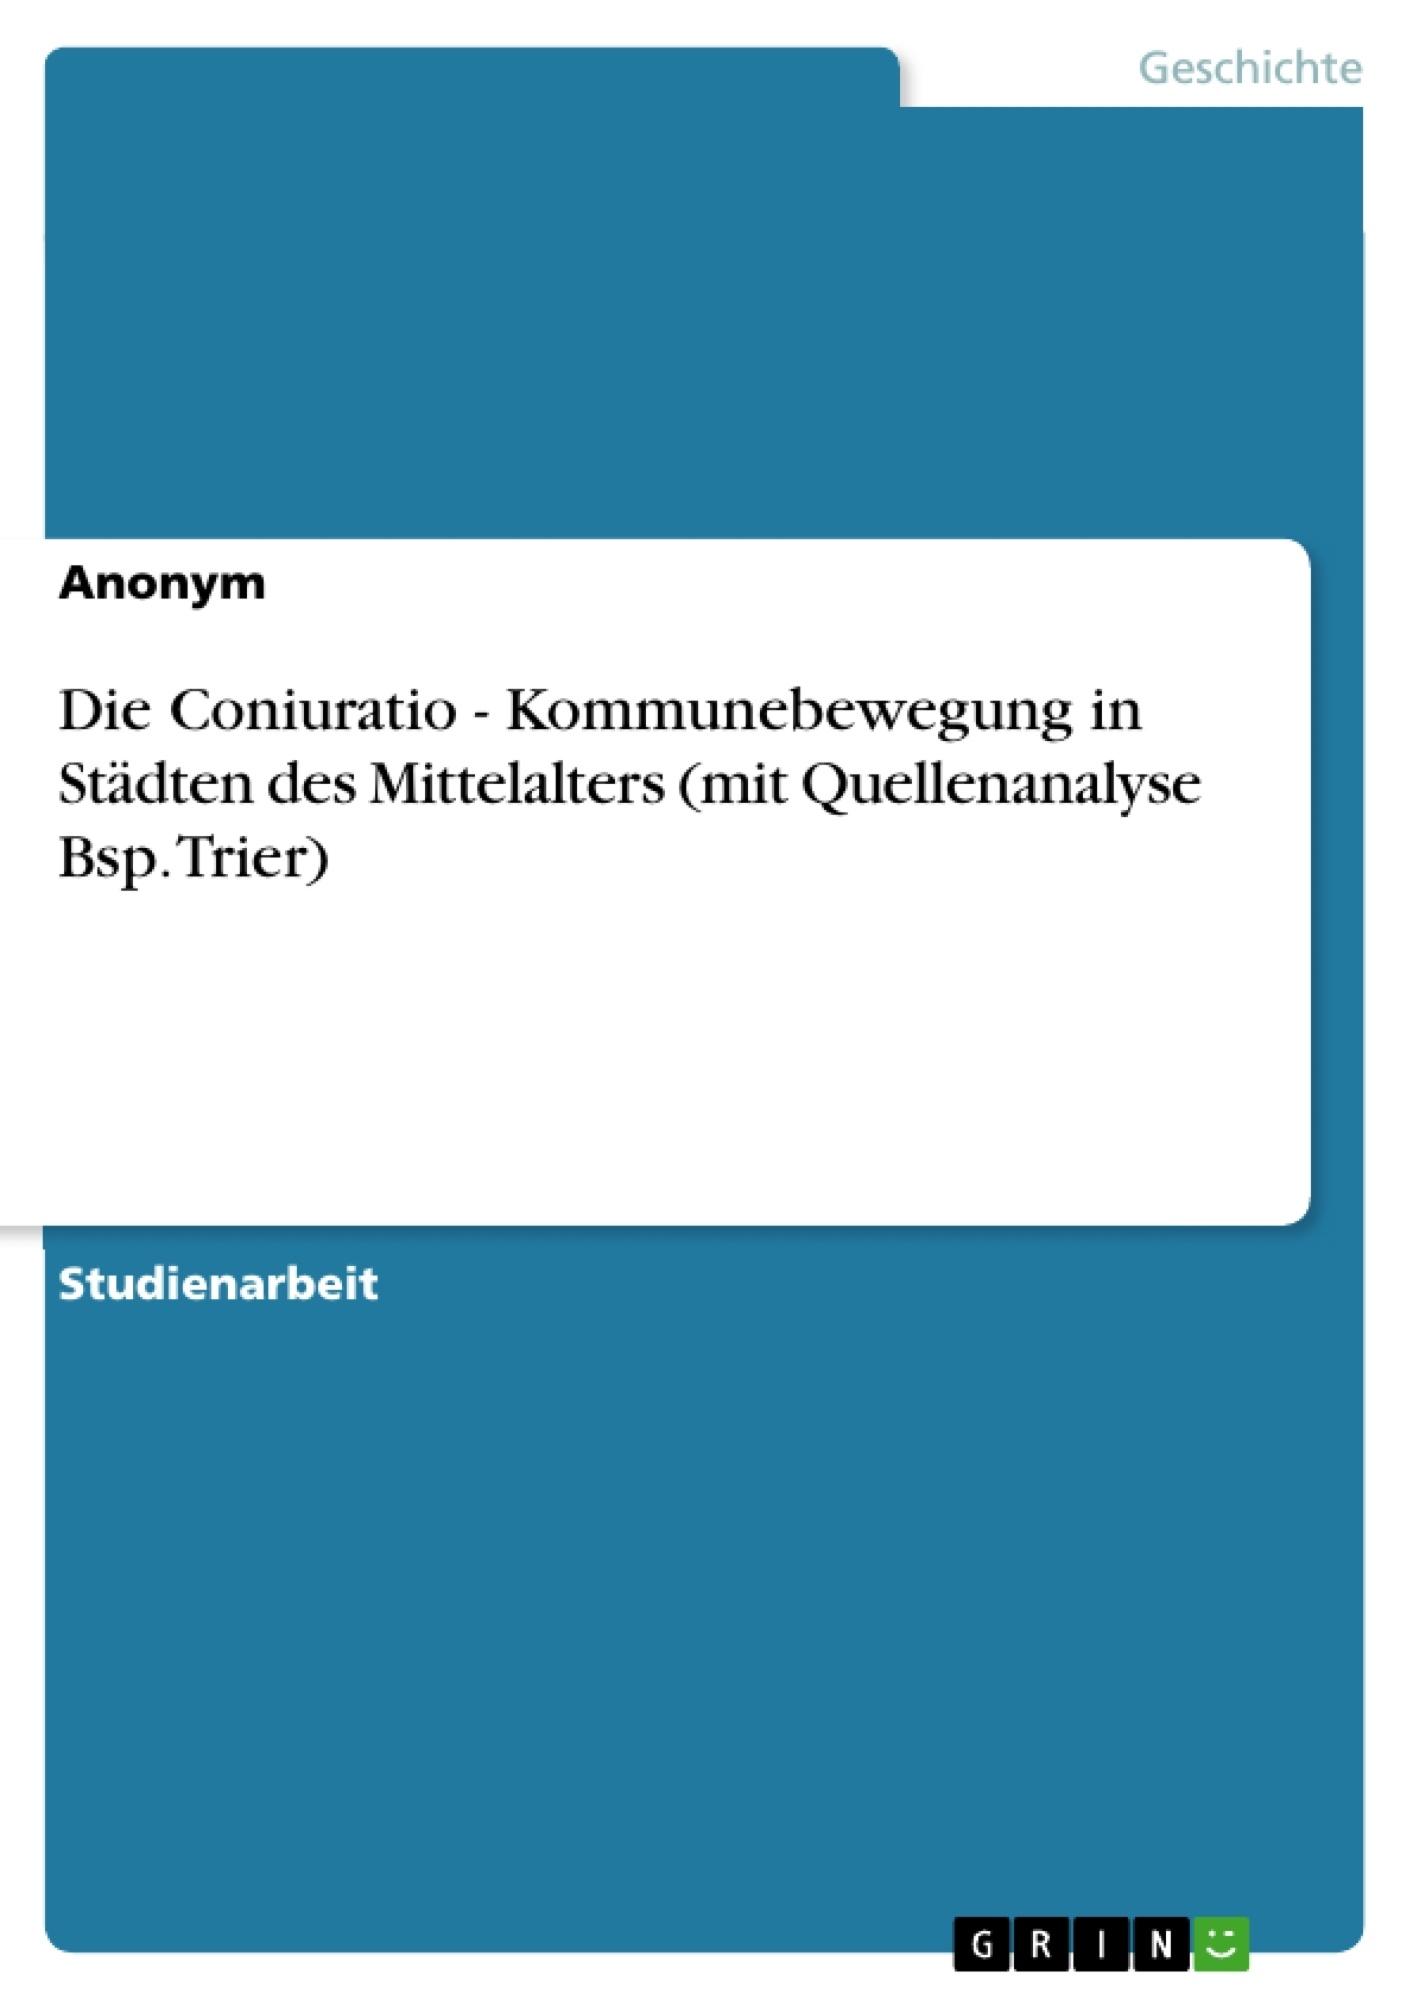 Titel: Die Coniuratio - Kommunebewegung in Städten des Mittelalters (mit Quellenanalyse Bsp. Trier)